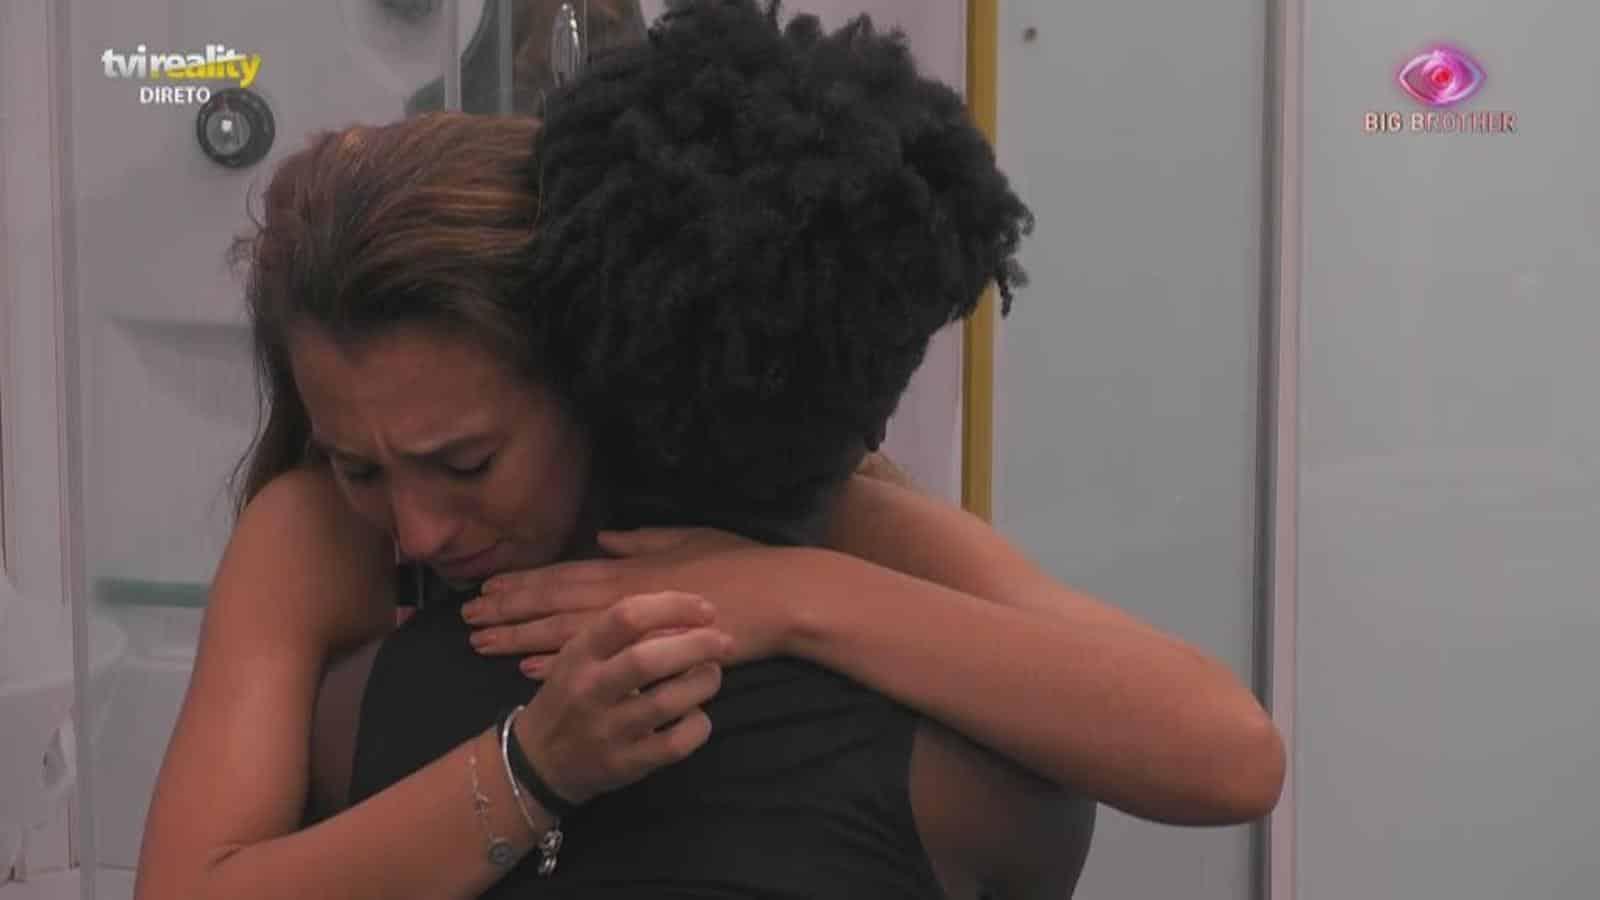 Iury Slavia Big Brother: Em Lágrimas, Iury Revela Que Foi Humilhada Pelo Ex-Namorado